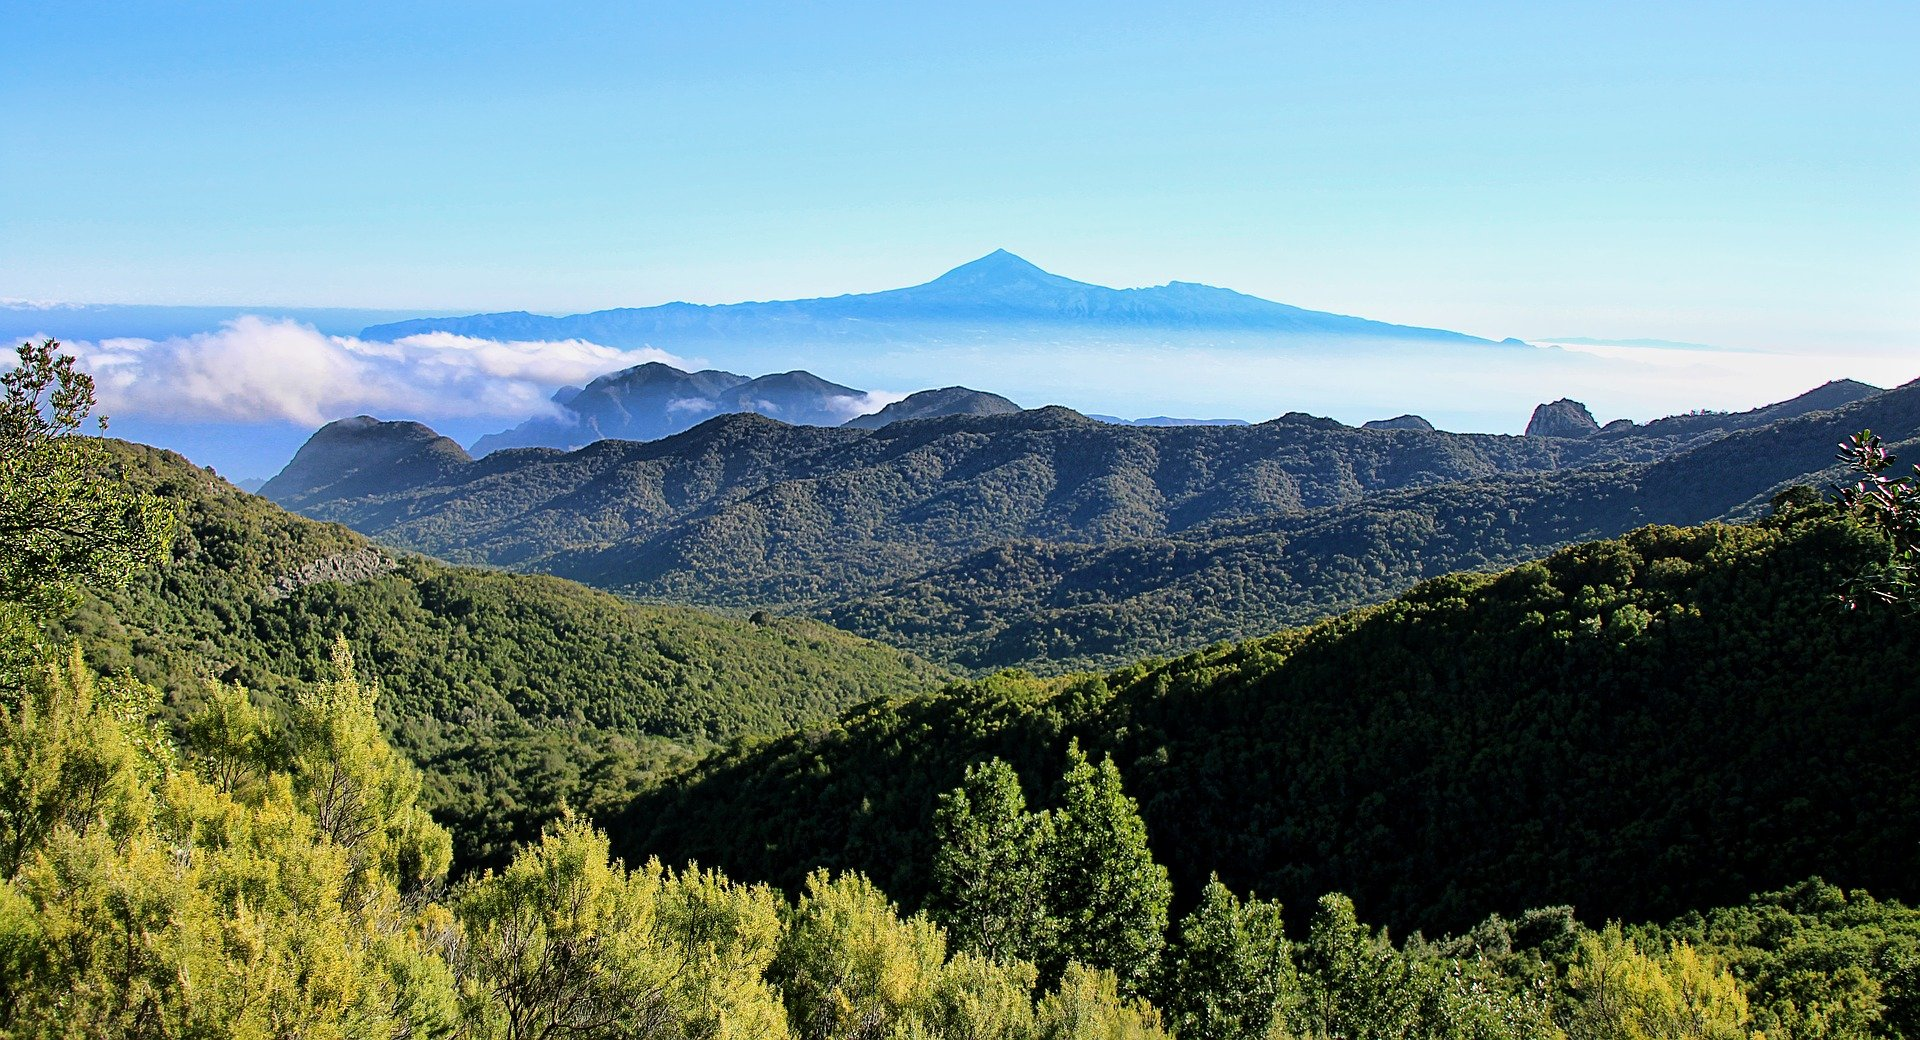 Qué ver en La Gomera, imprescindibles para 3 días de viaje